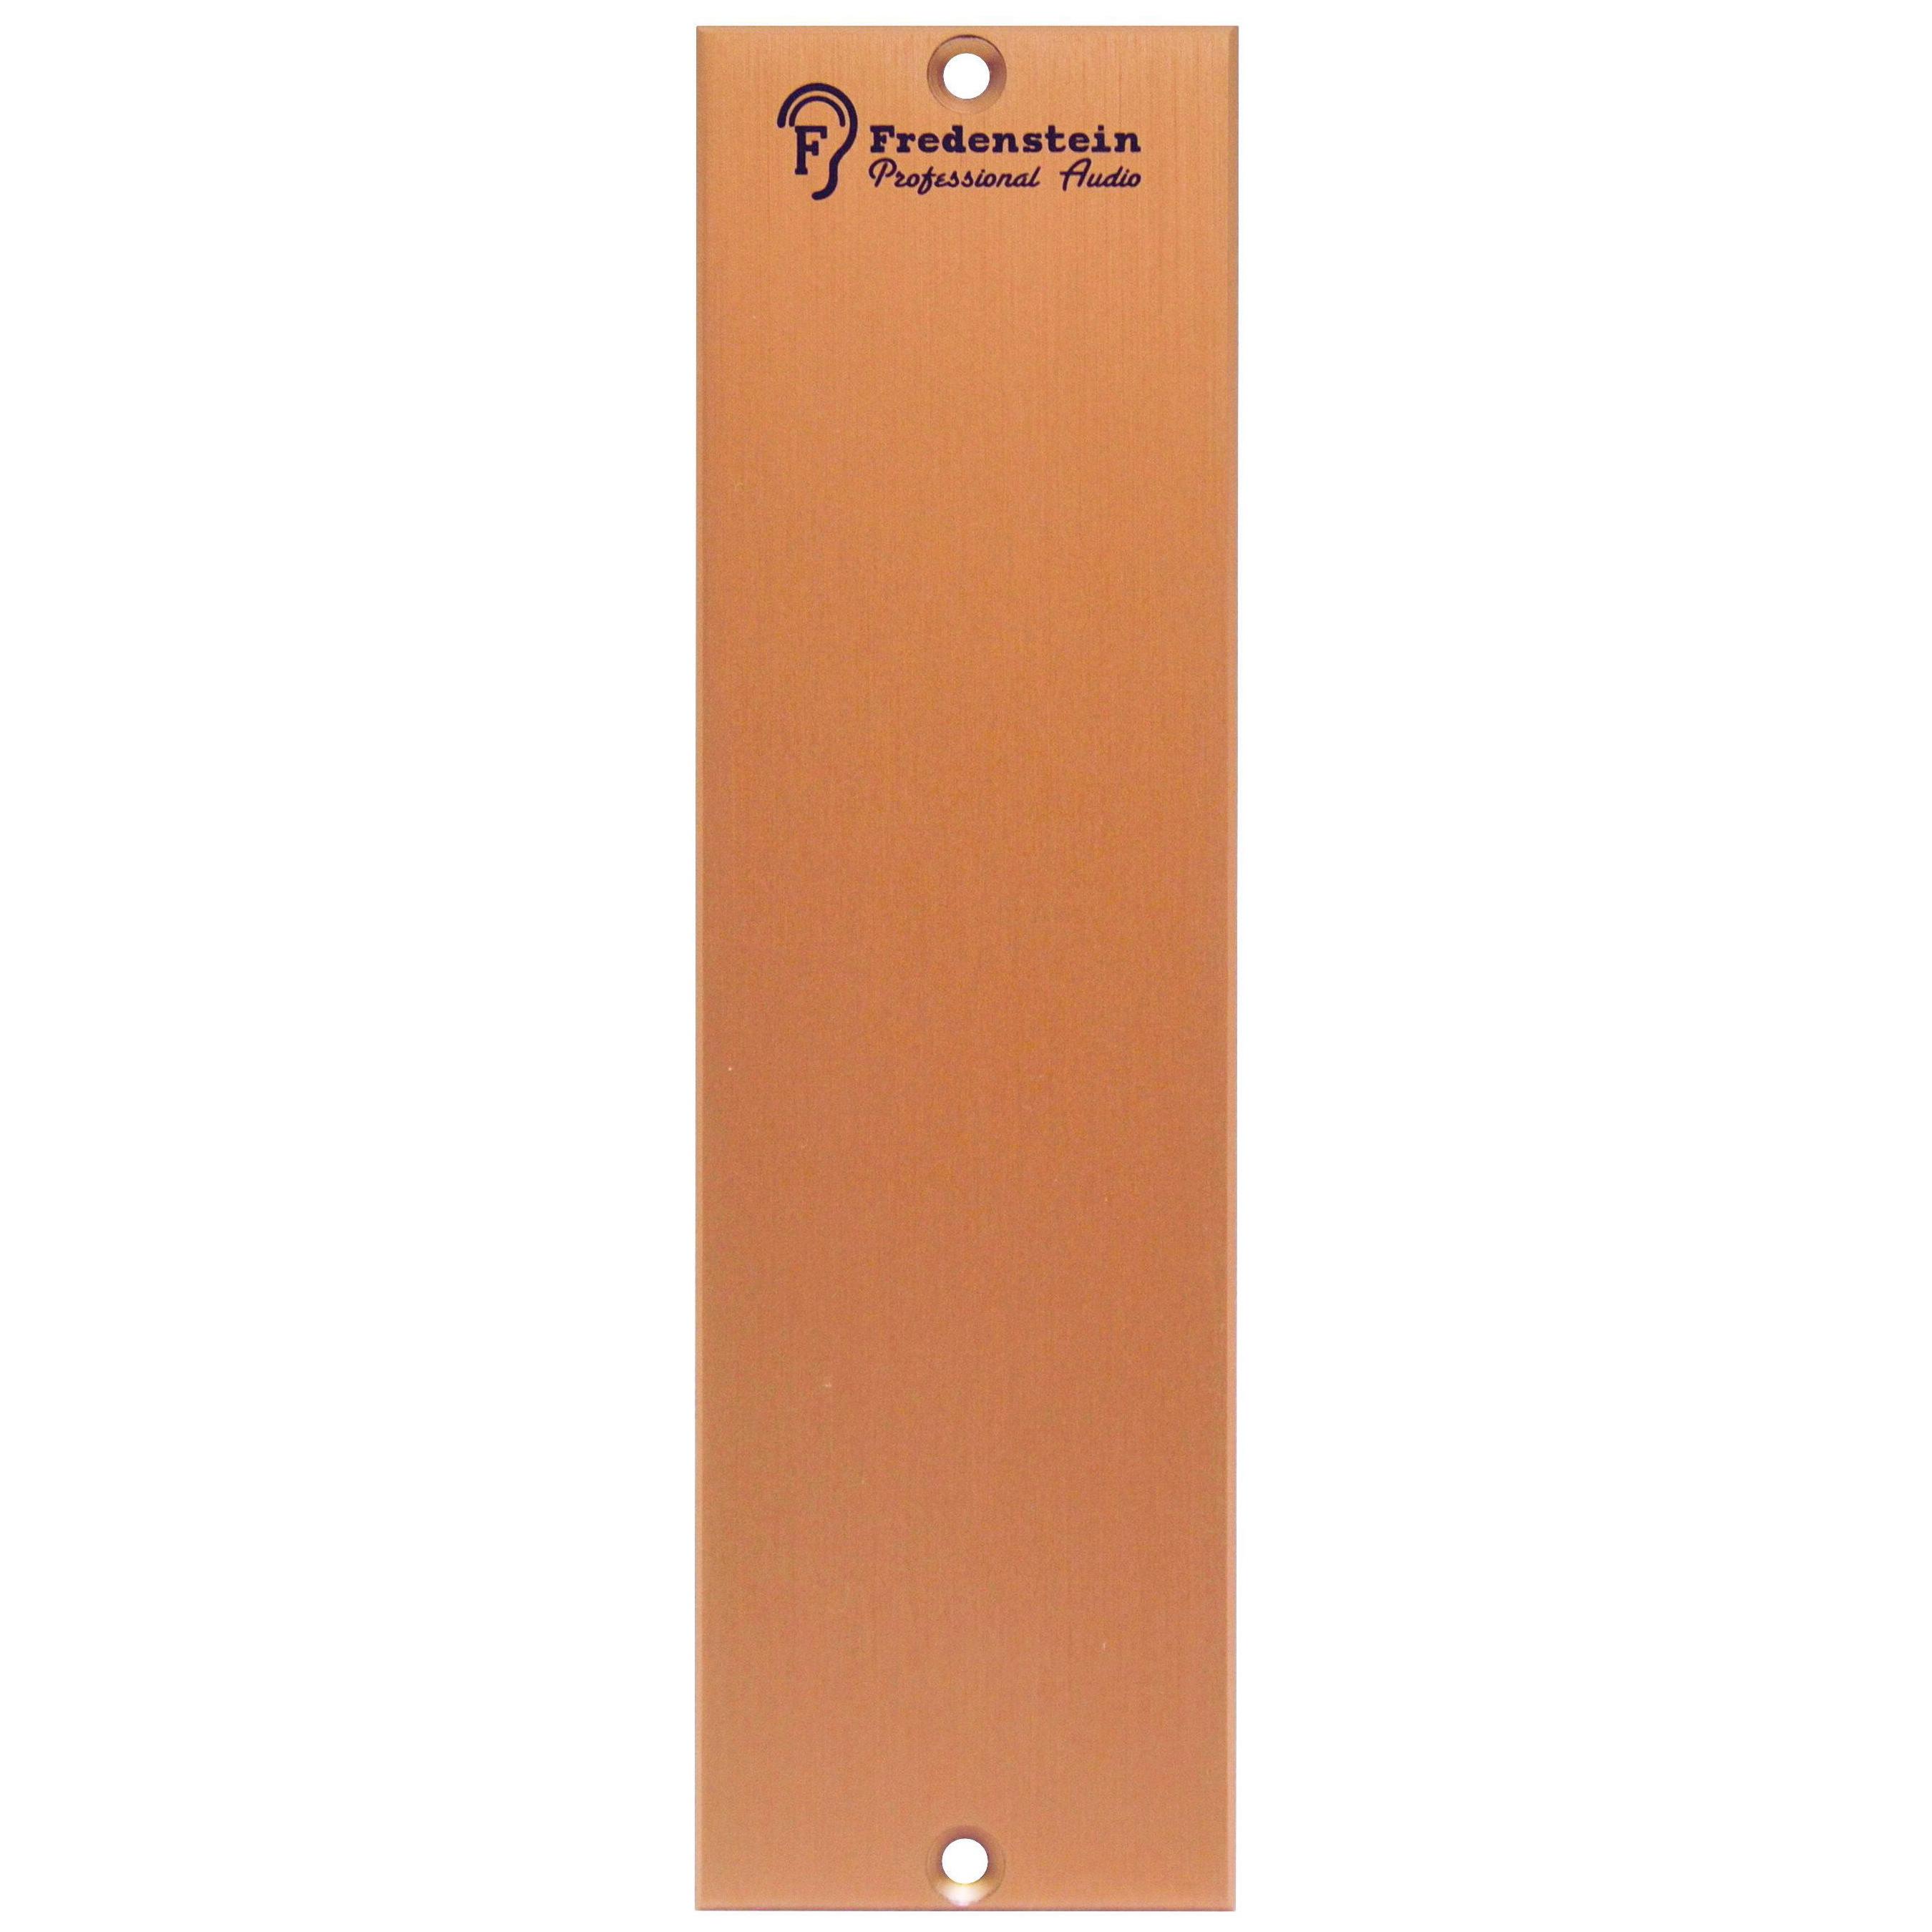 Fredenstein Blank Panel